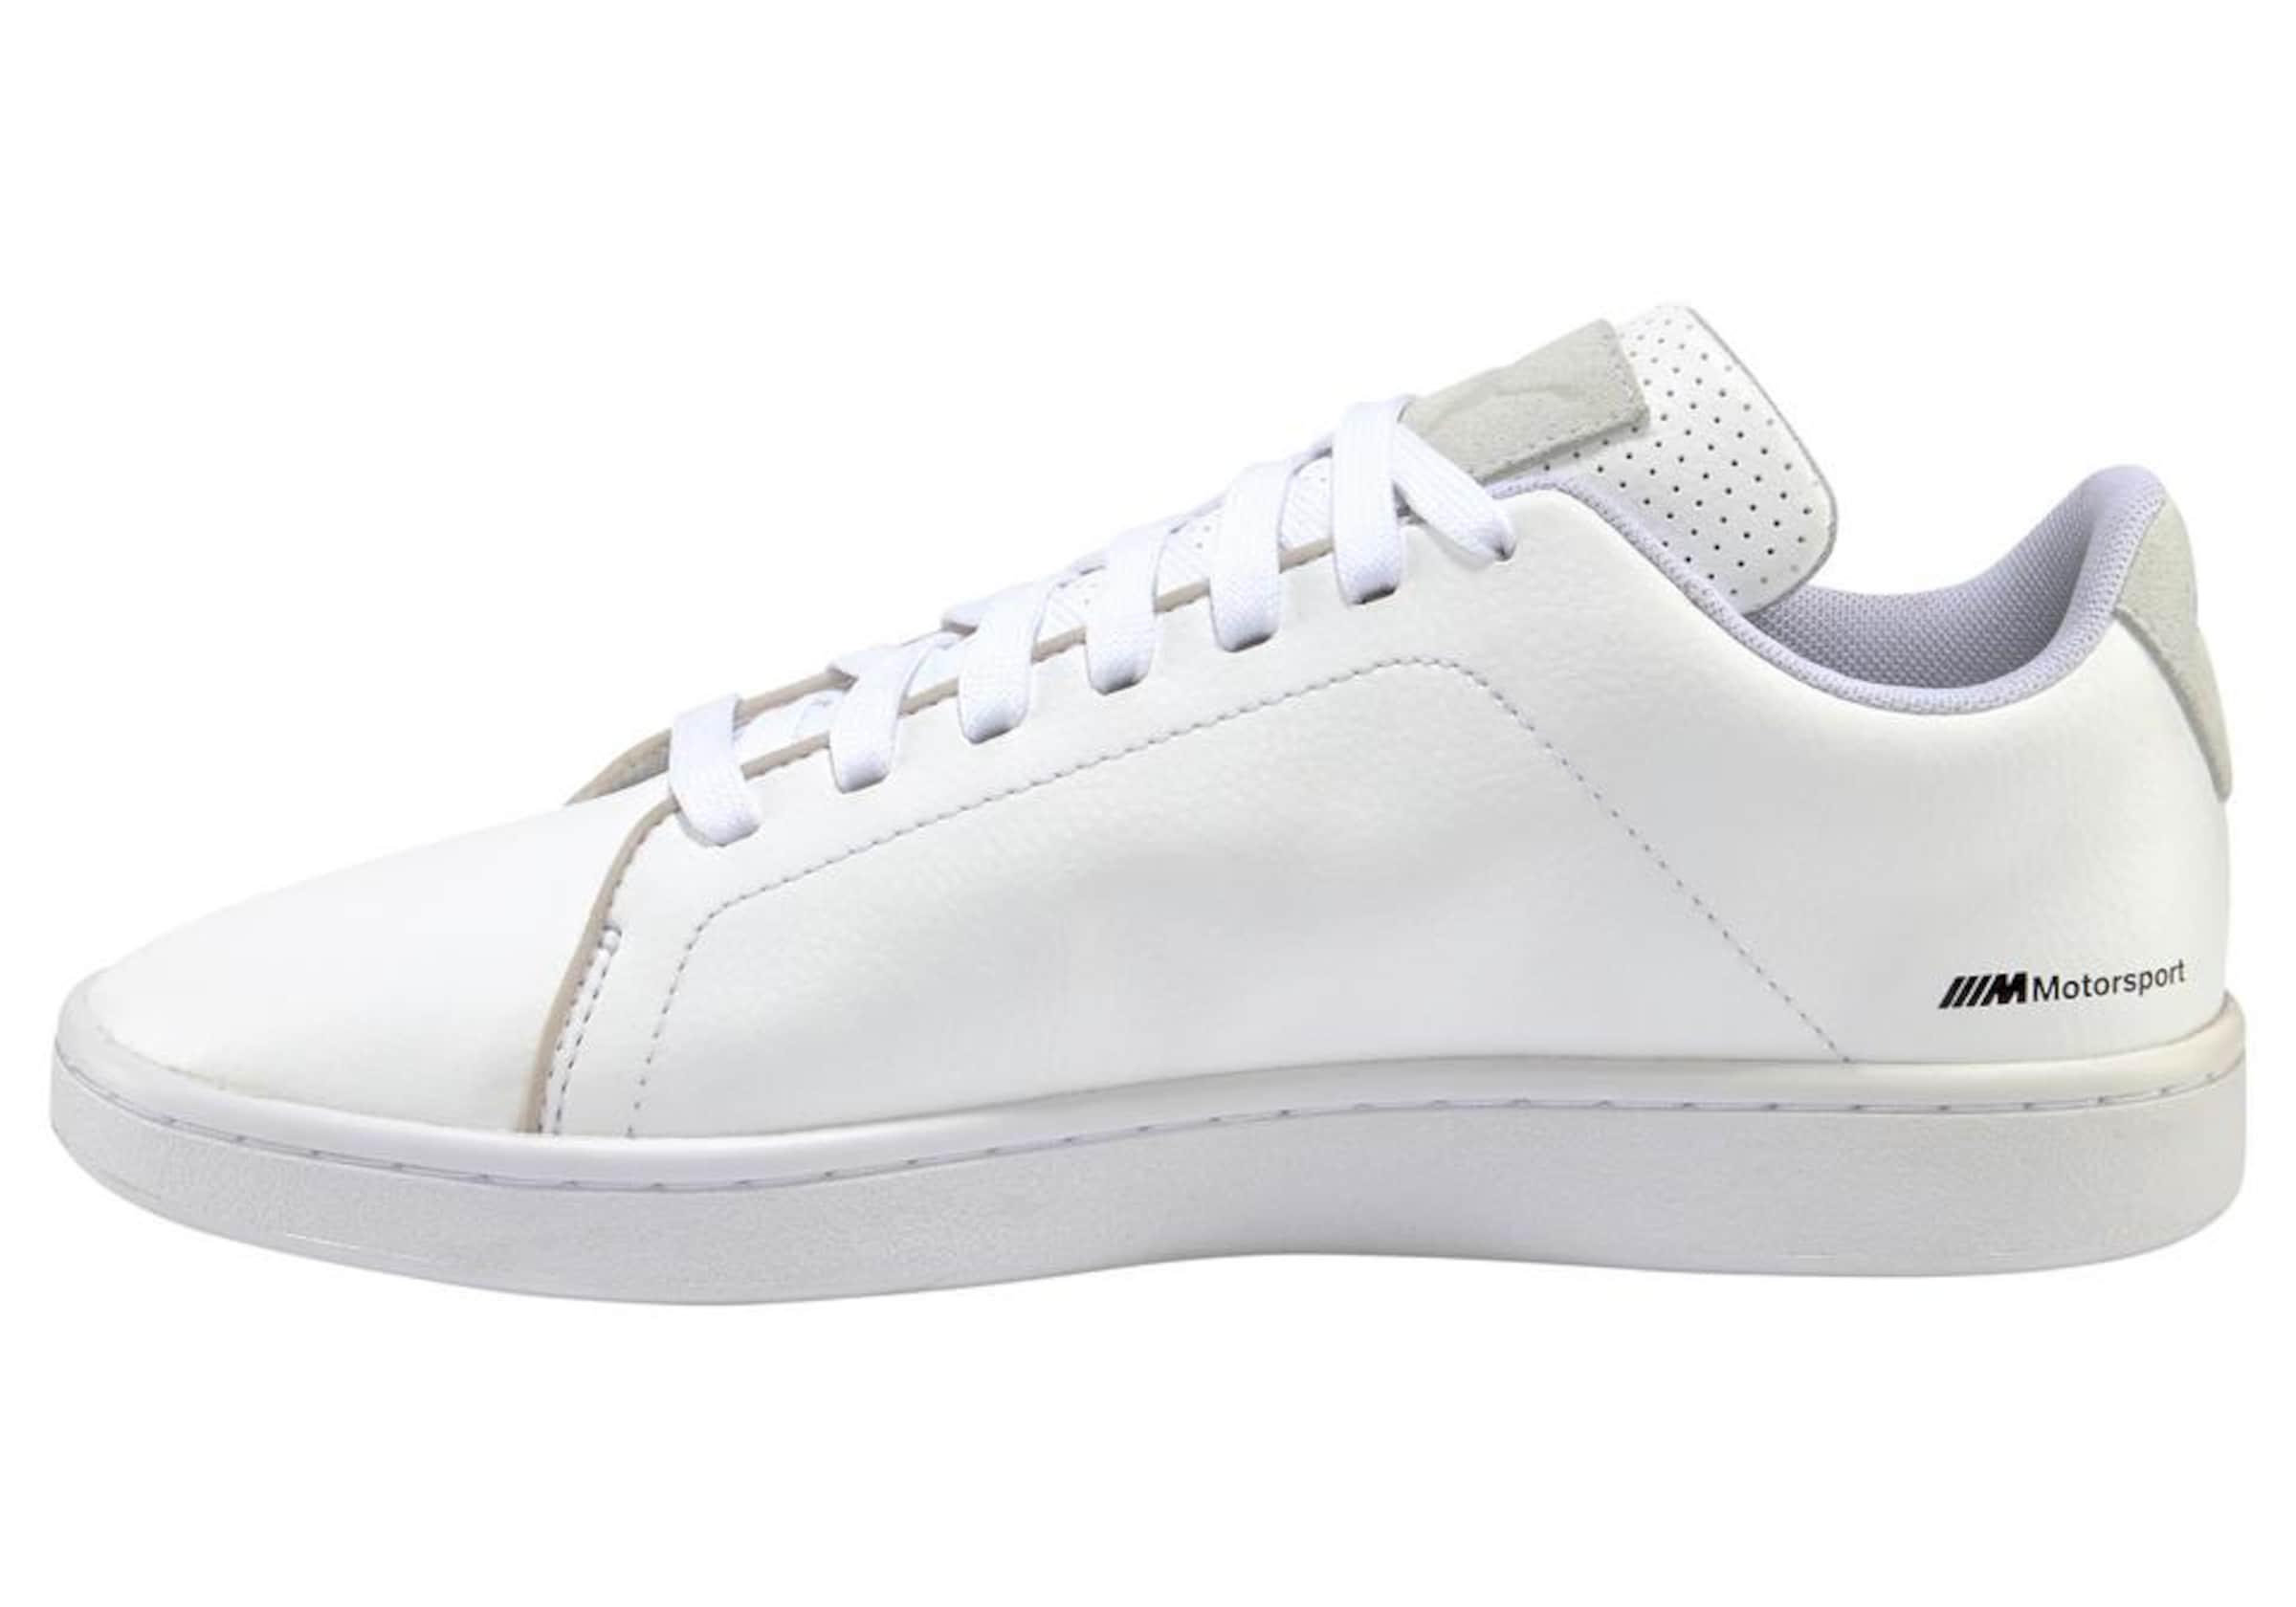 V2' Smash GrauWeiß Mms 'bmw Puma Sneaker In OX8Pk0ZNnw